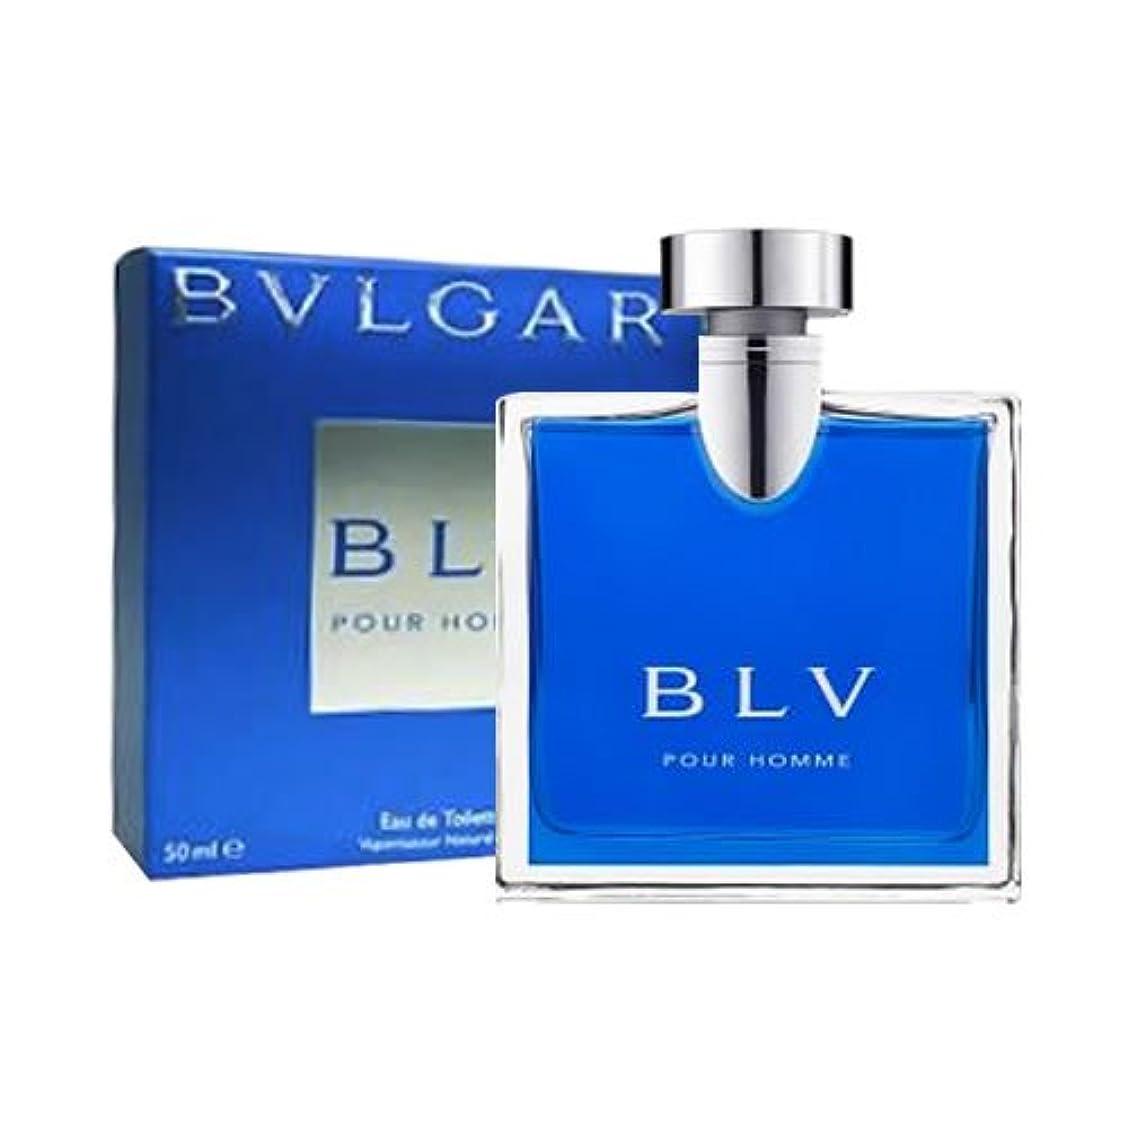 ヒント文句を言う虫を数えるブルガリ BVLGARI ブルー プールオム EDT 50ml [並行輸入品]